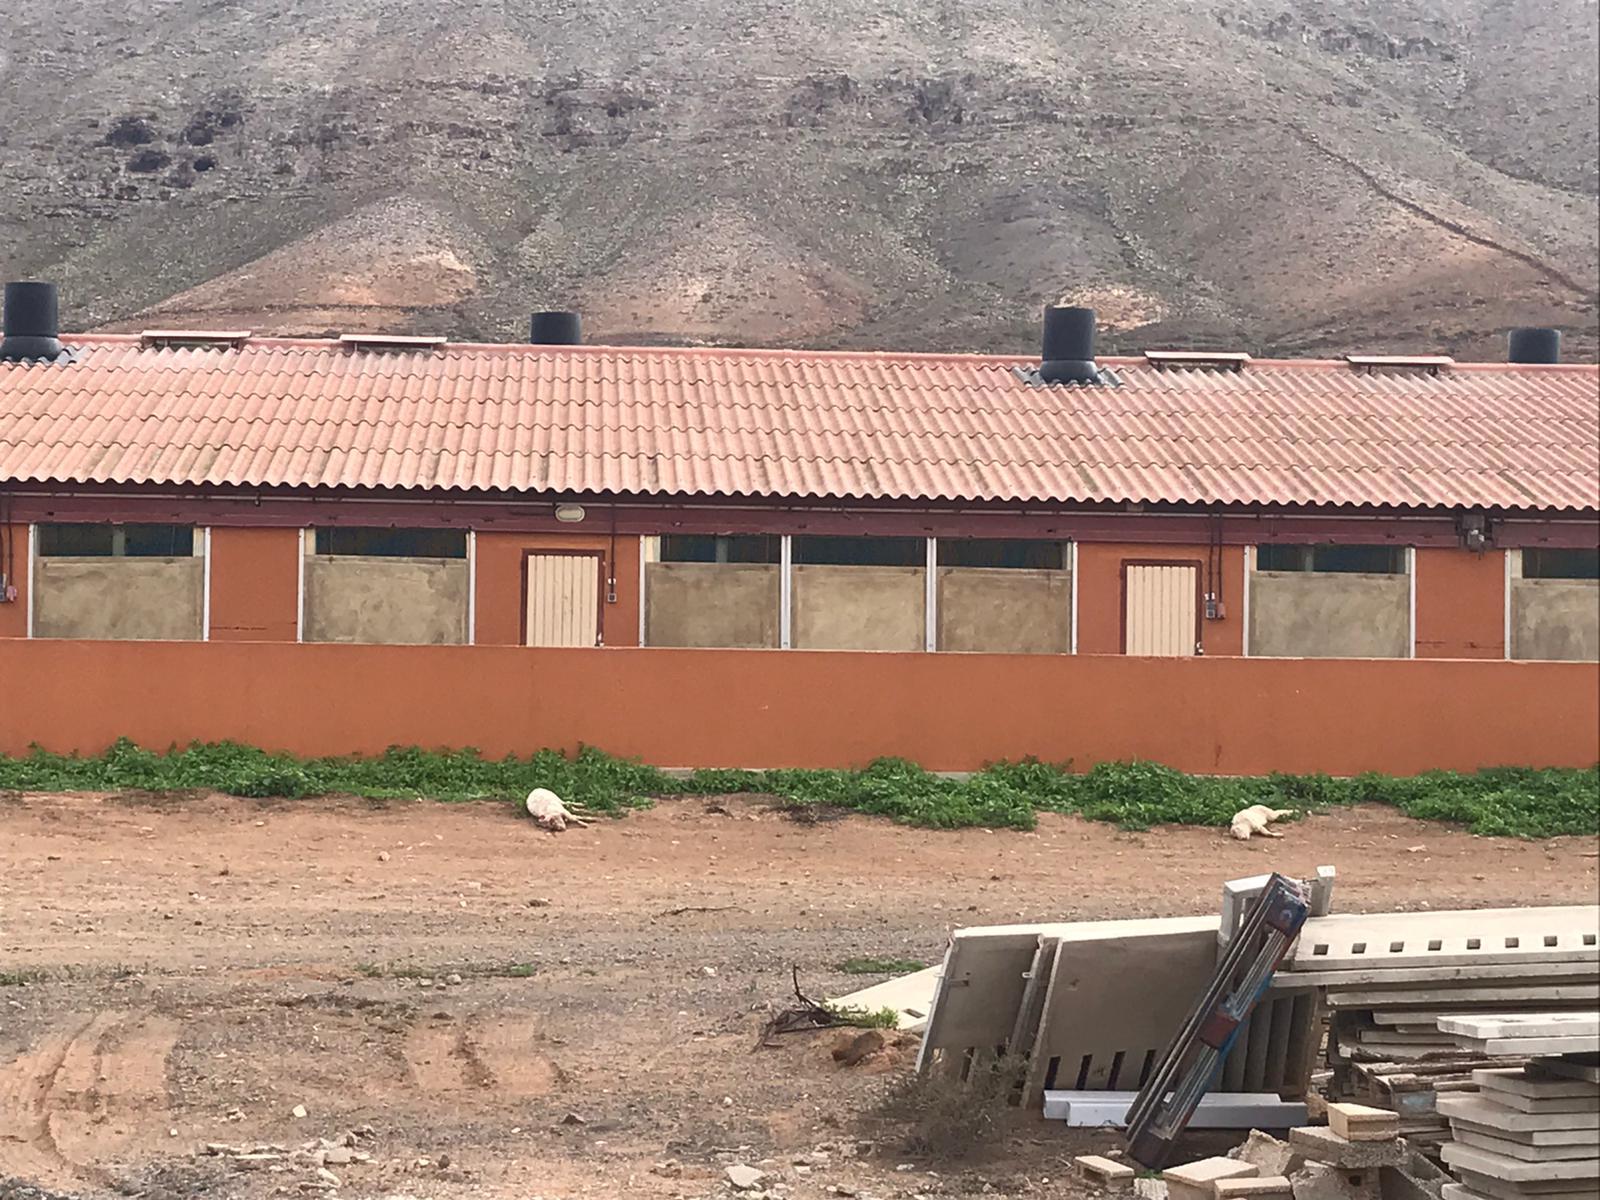 09e77a6b-224b-457b-a8a7-c8a20a0f0b8a-copia Acumula cochinos muertos en el exterior de una granja porcina en Fuerteventura